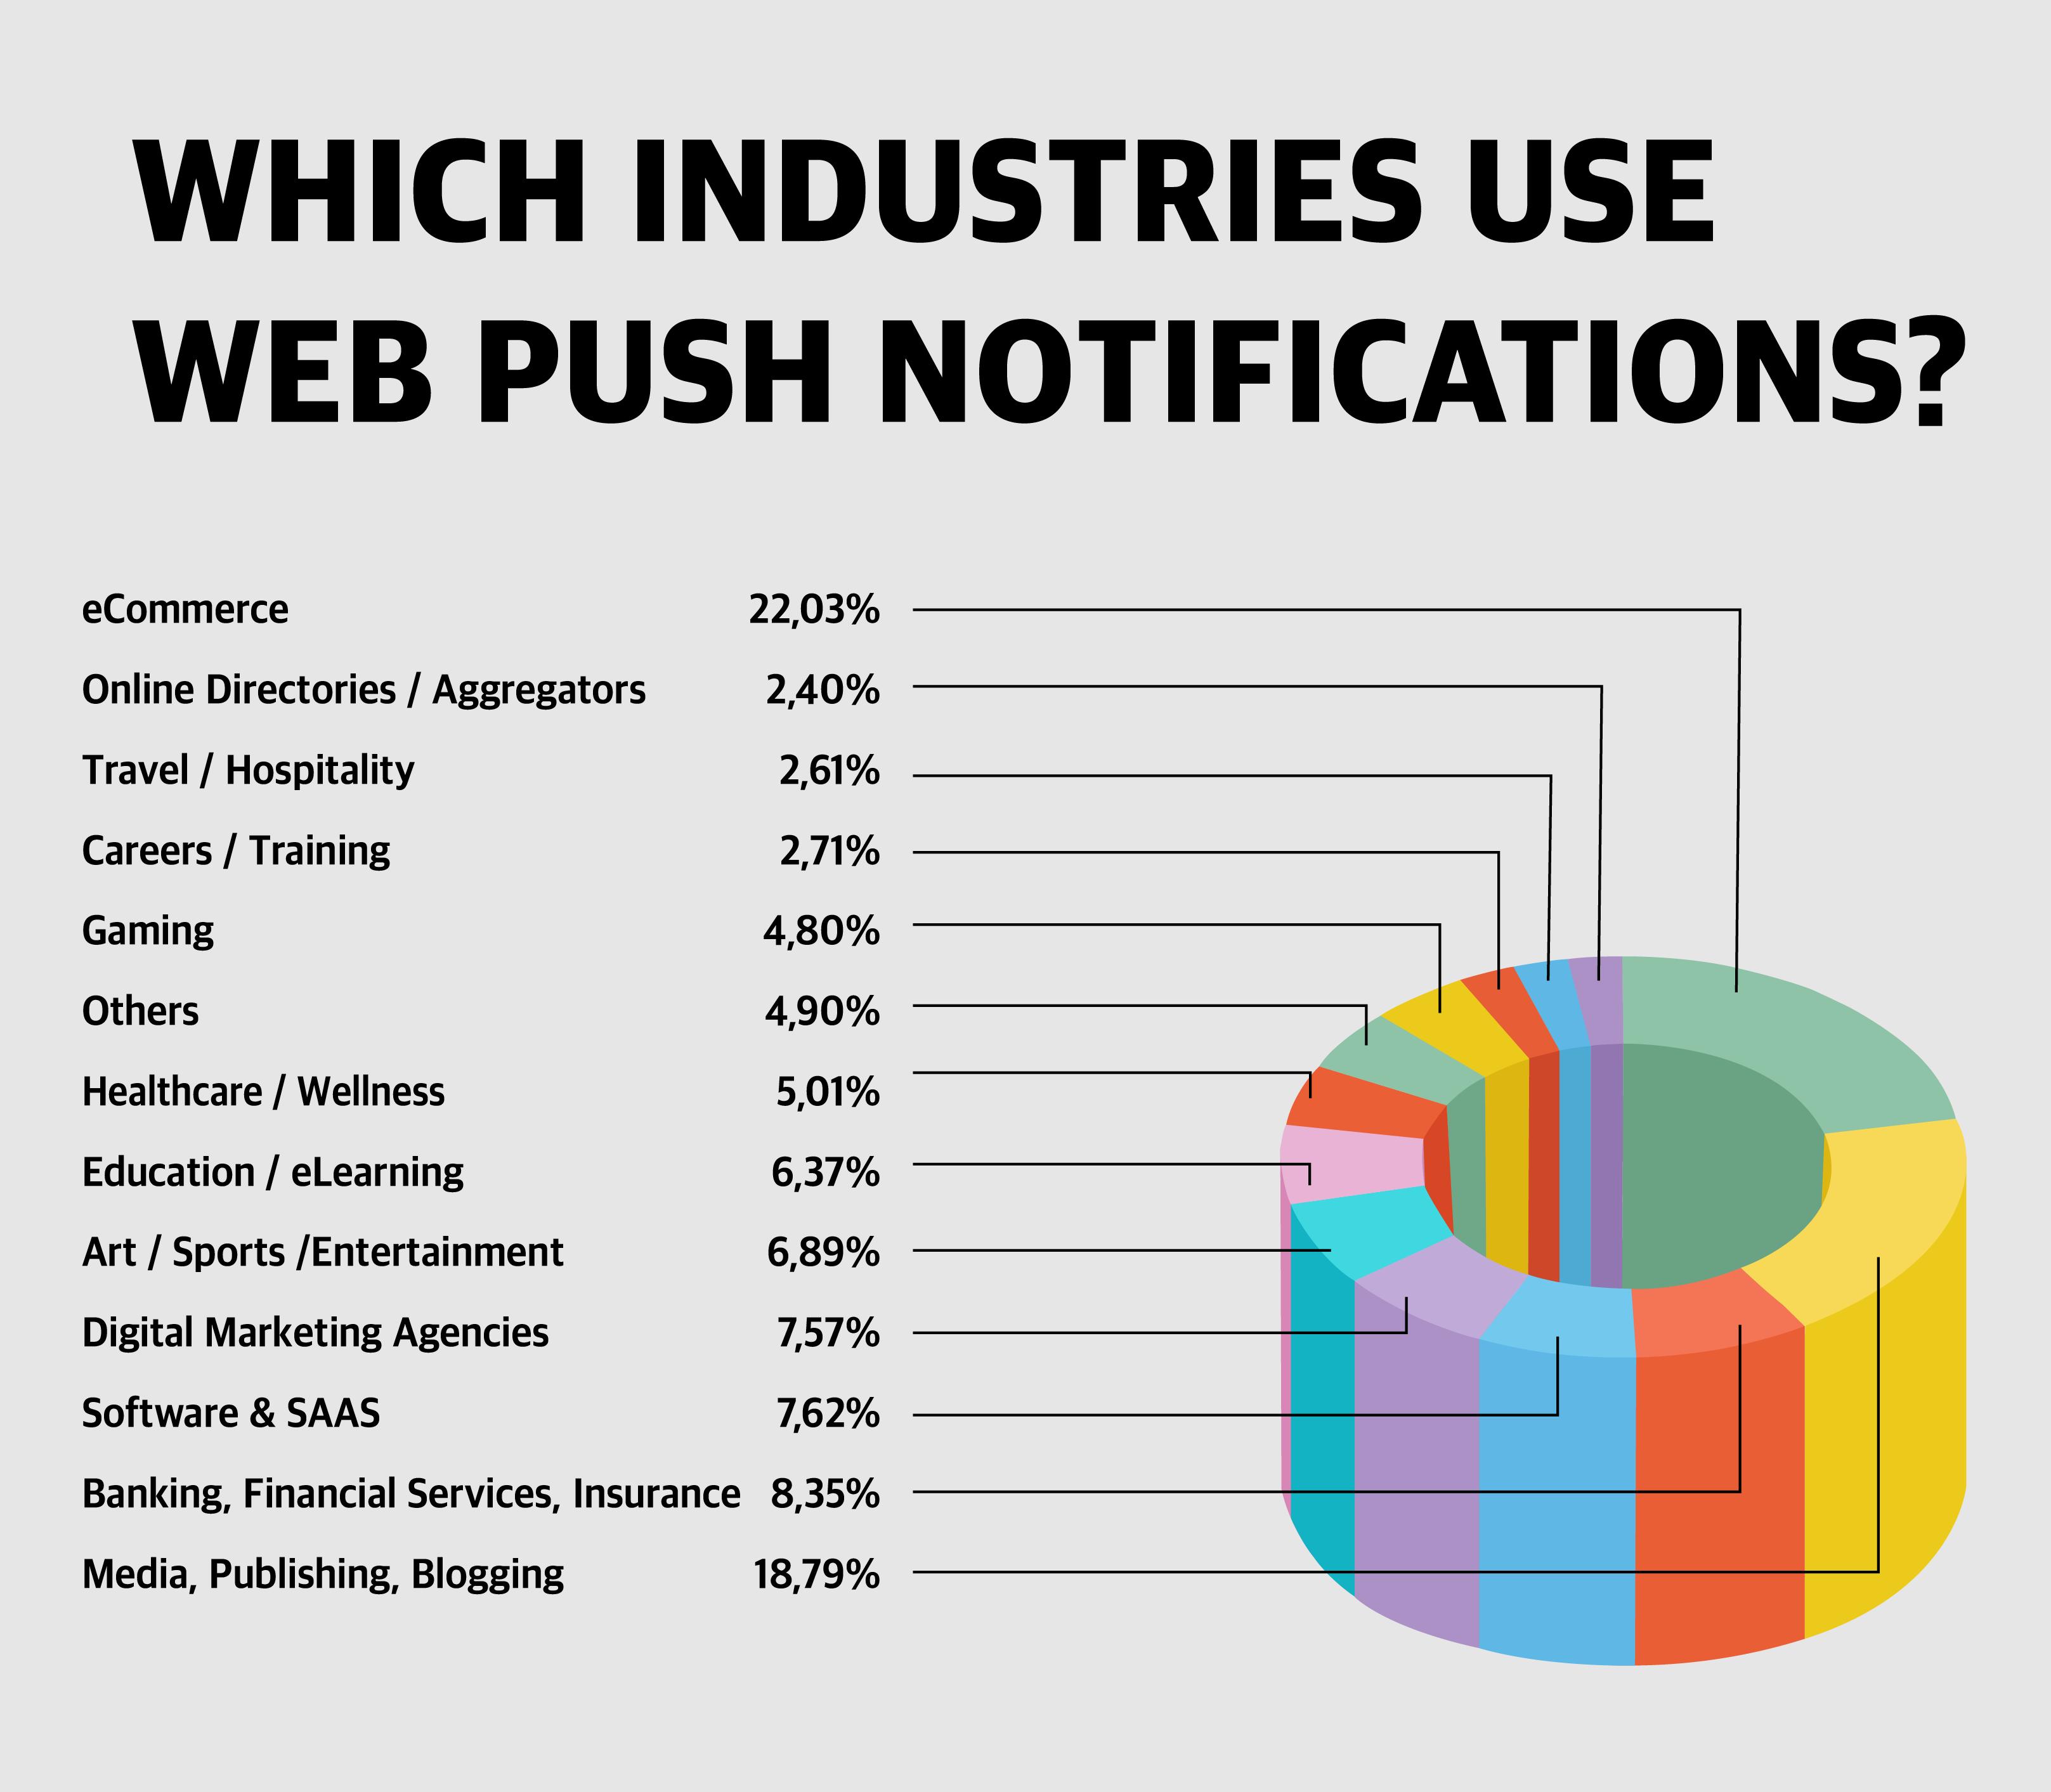 ¿Qué industrias utilizan las notificaciones push web?